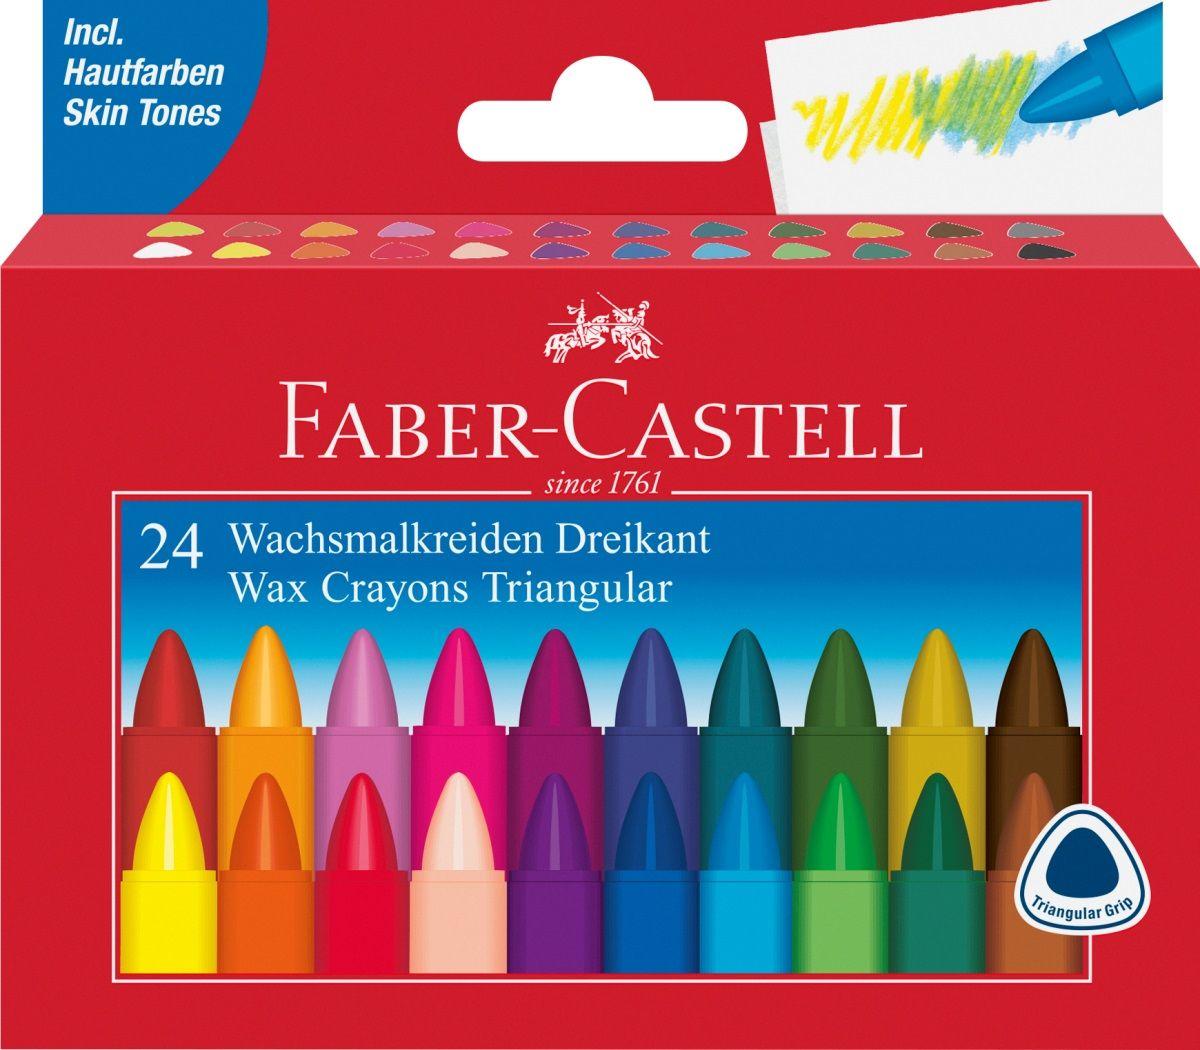 Faber-Castell Набор восковых карандашей Triangular трехгранные 24 цветаBS01203Набор восковых карандашей Faber-Castell Triangular - карандаши имеют трёхгранную эргономичную форму, яркие цвета. Водоустойчивые,пригодны для комбинирования различных техник. Захват, оснащенный защитной гигроскопичной бумагой.